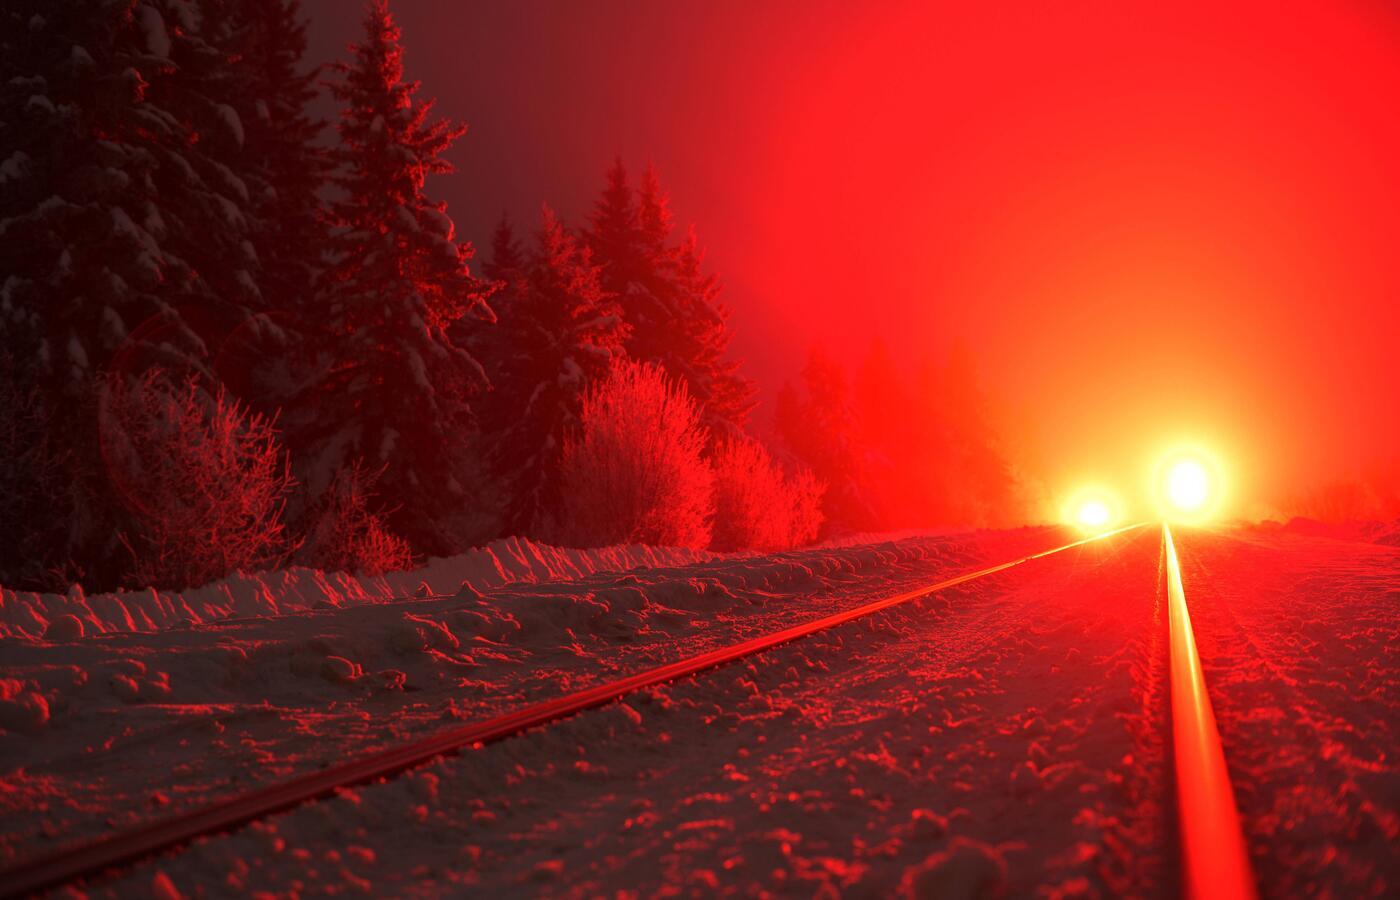 train-lights-bright-5k-nr.jpg